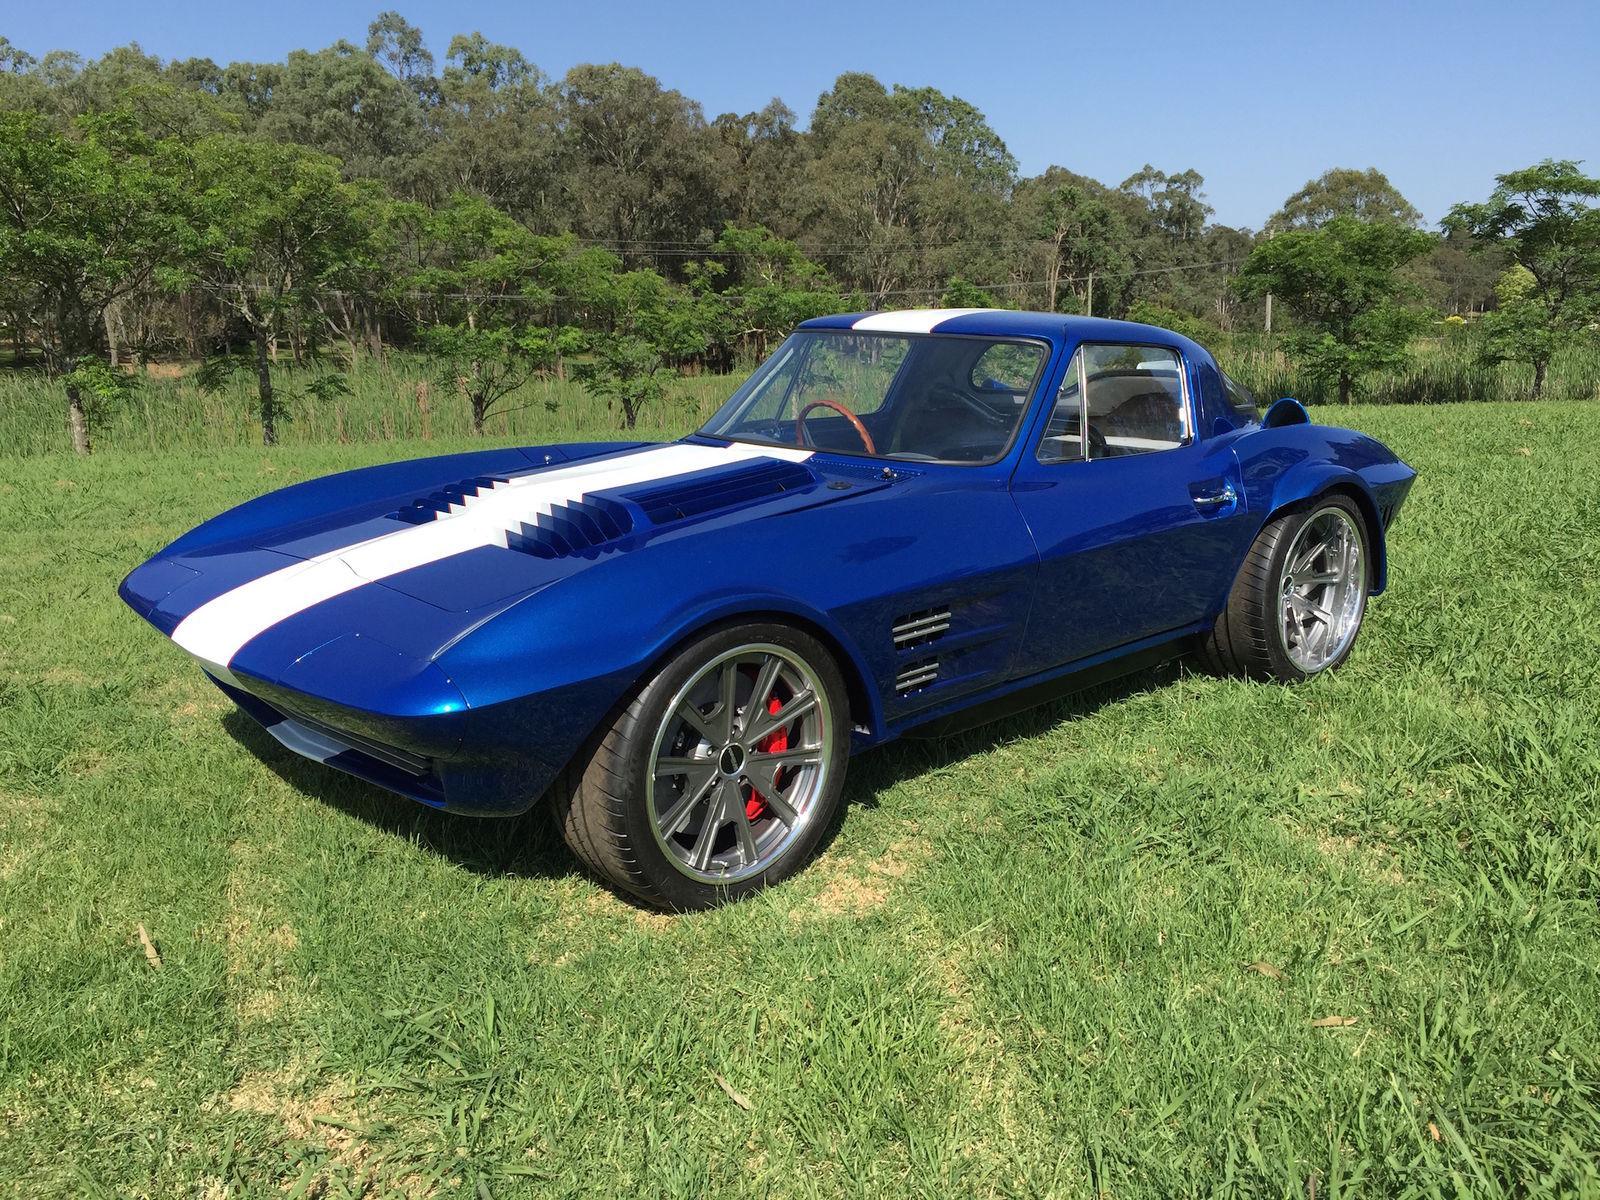 1963 Chevrolet Corvette | Harry Turner's 1963 Corvette Grand Sport on Grip Equipped Grudge Wheels